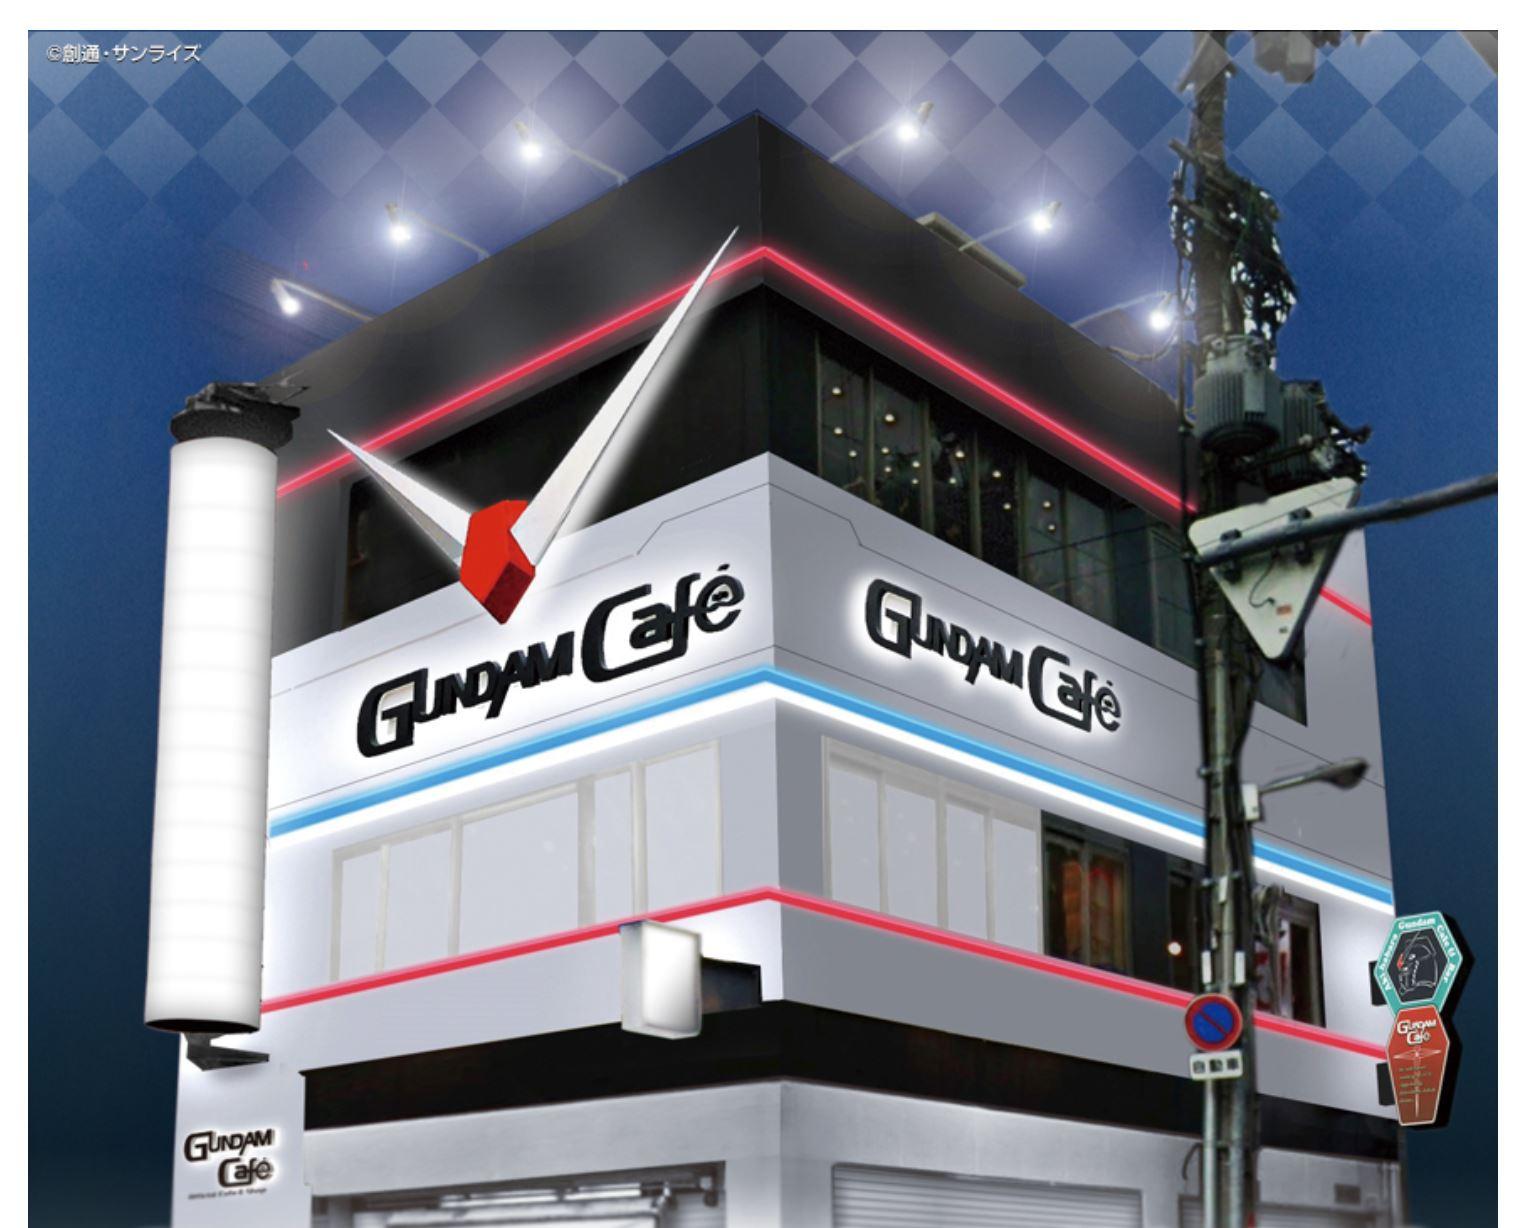 ガンダムカフェ大阪道頓堀の待ち時間と混雑状況は?空いてる時間帯を予想!